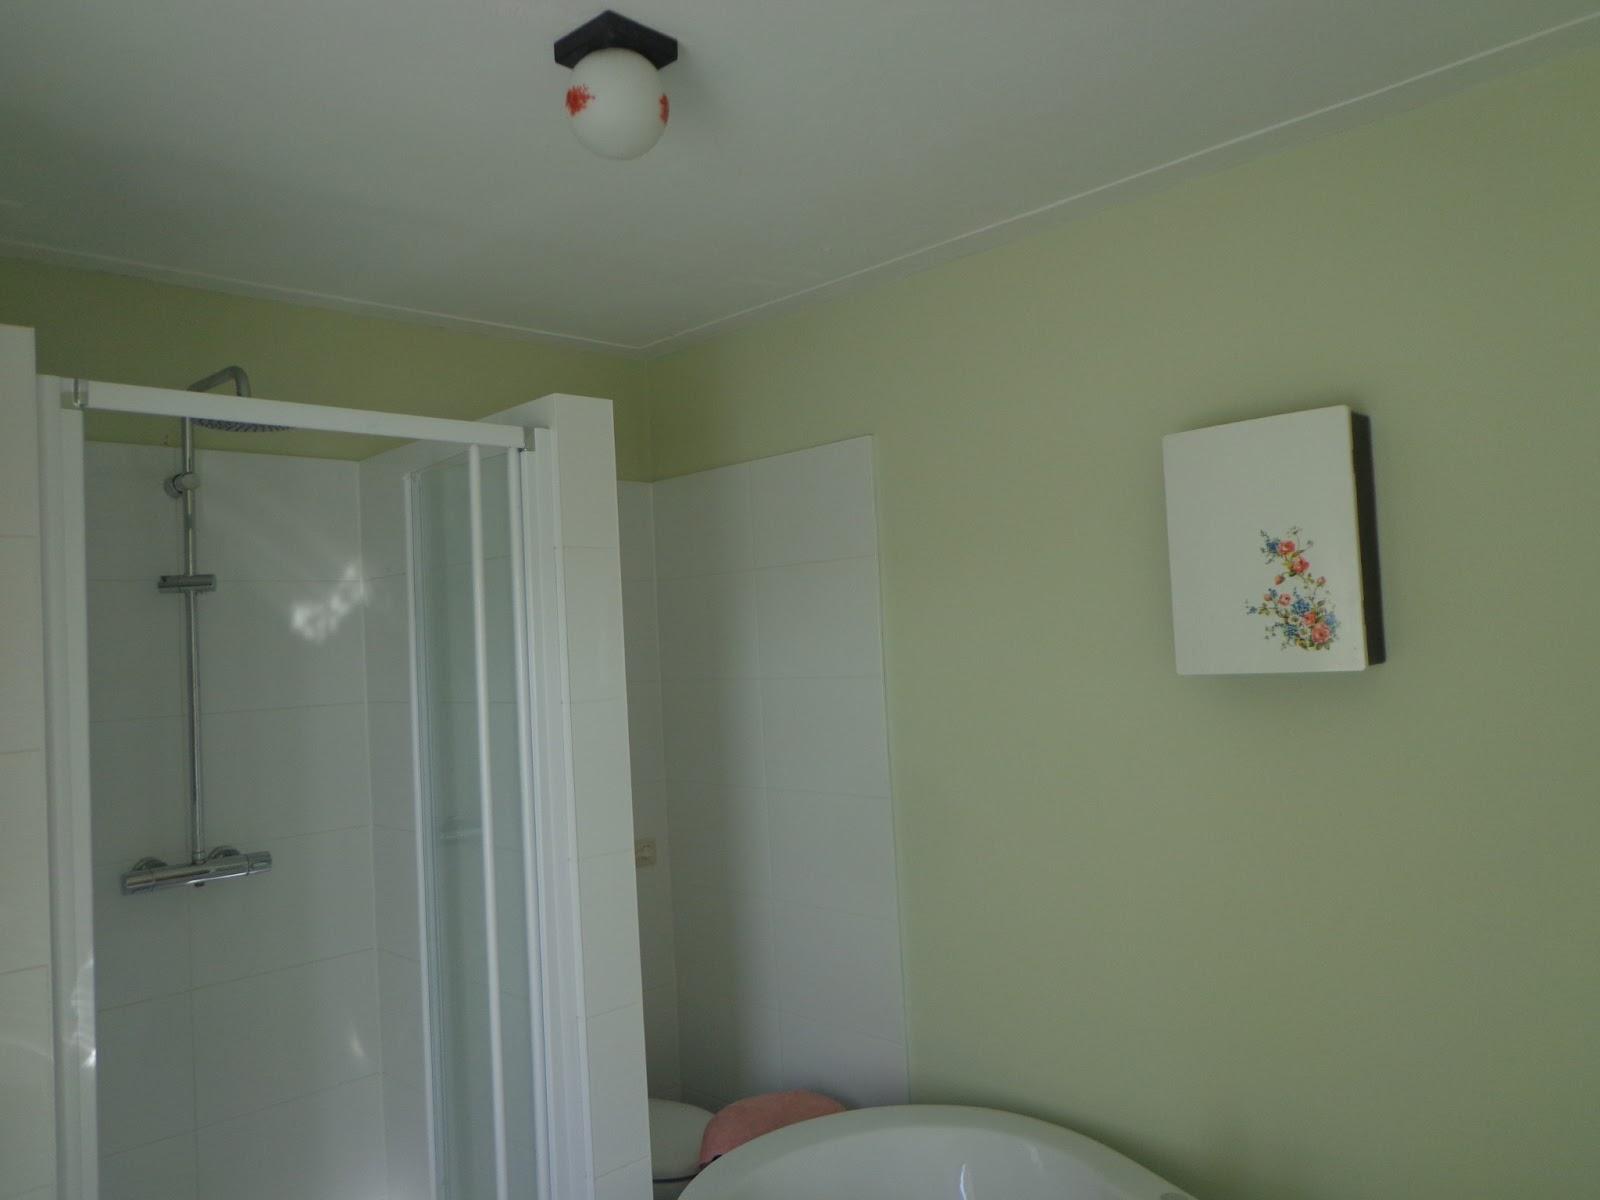 Badkamer Tegels Groen ~ Beste Inspiratie voor Huis Ontwerp